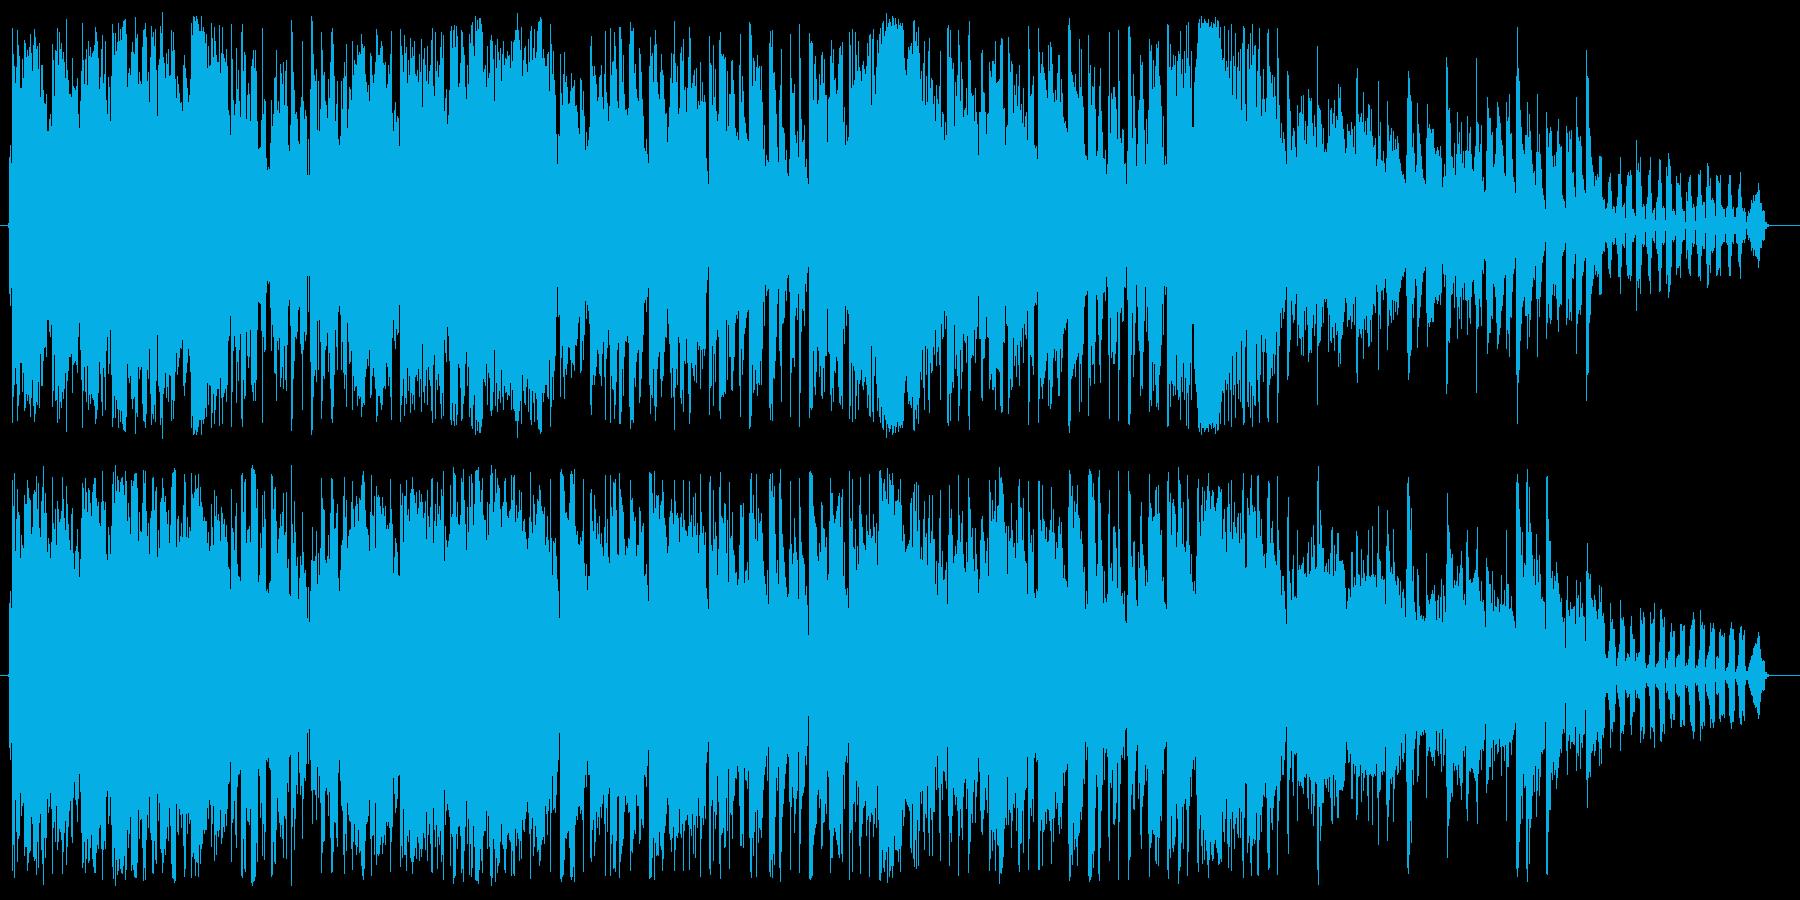 ド派手なブレイクビーツ系ジングルの再生済みの波形